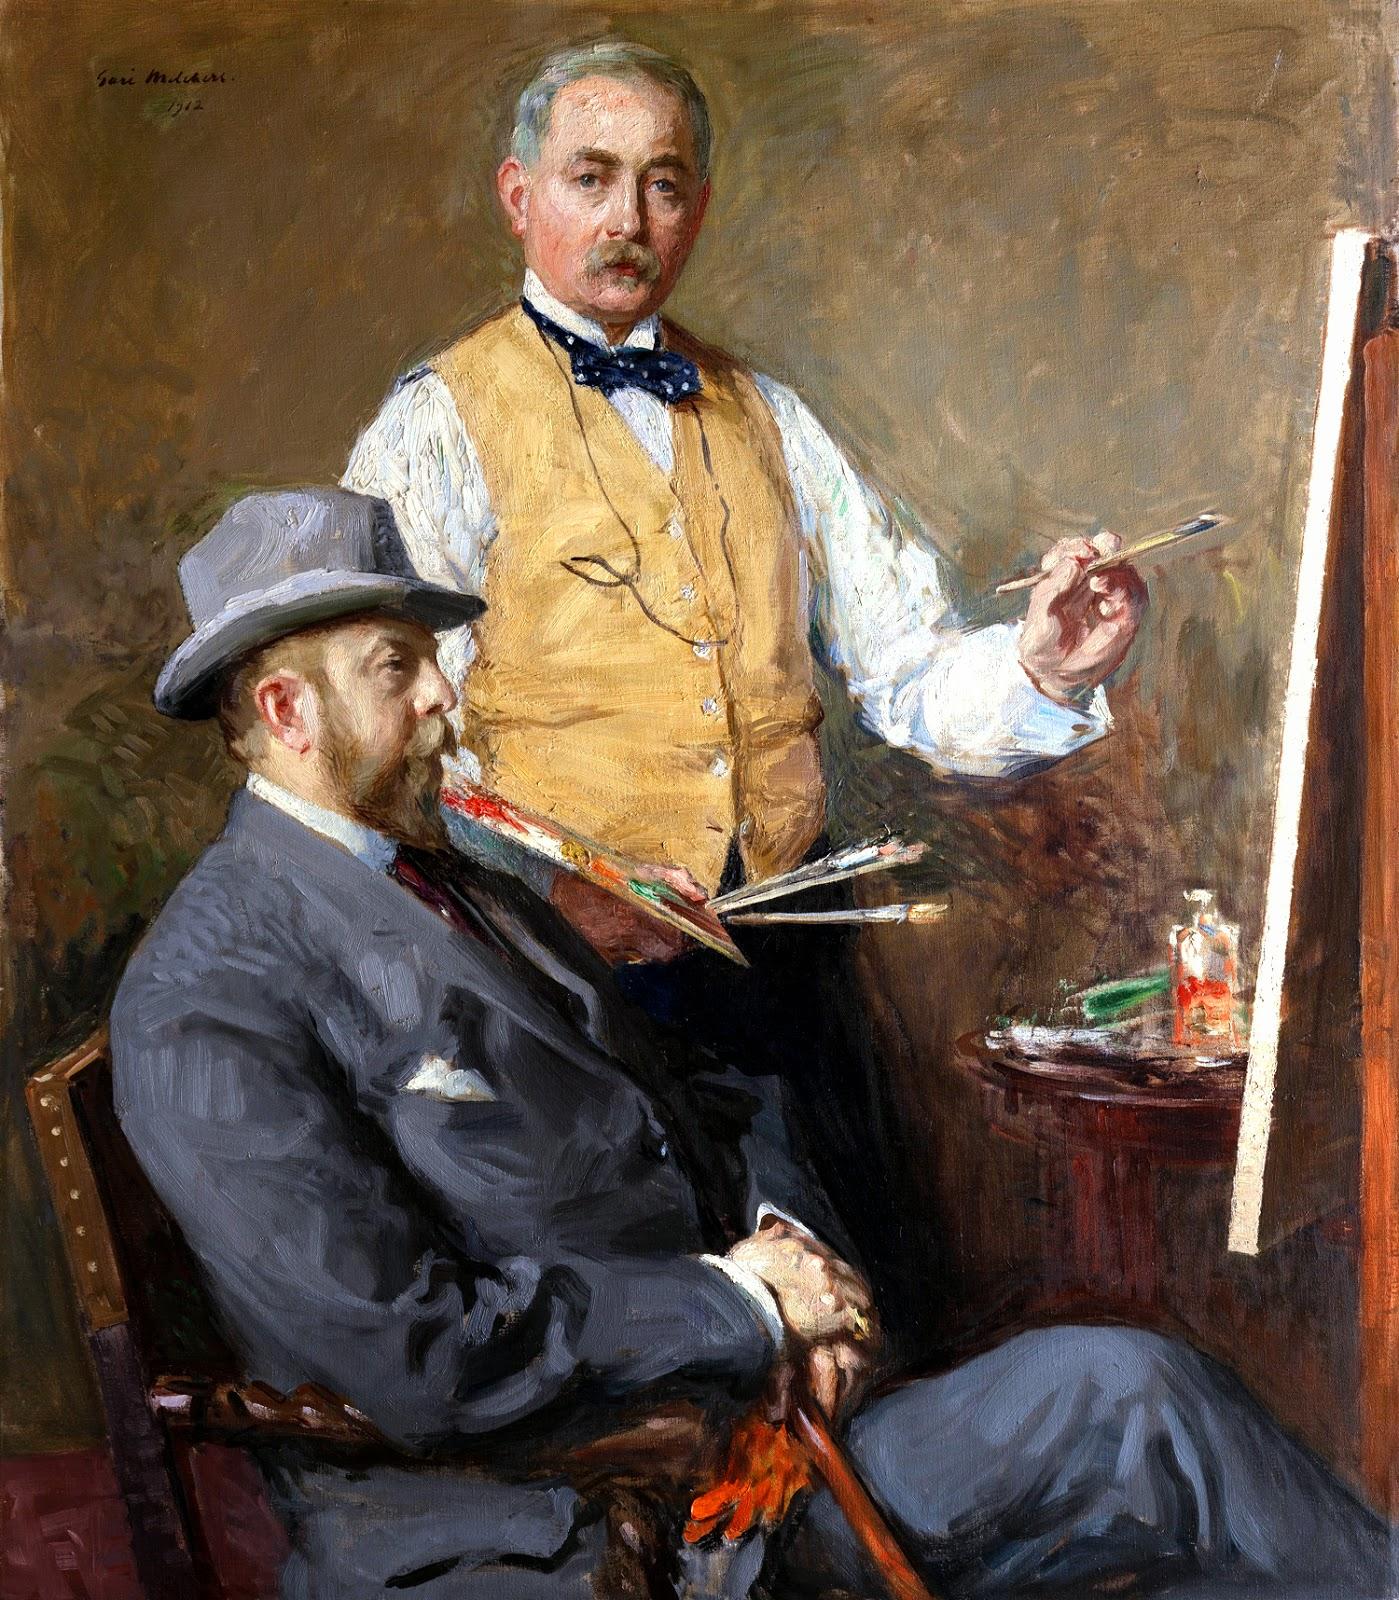 Gari Melchers, Self Portrait, Portrait of Painters